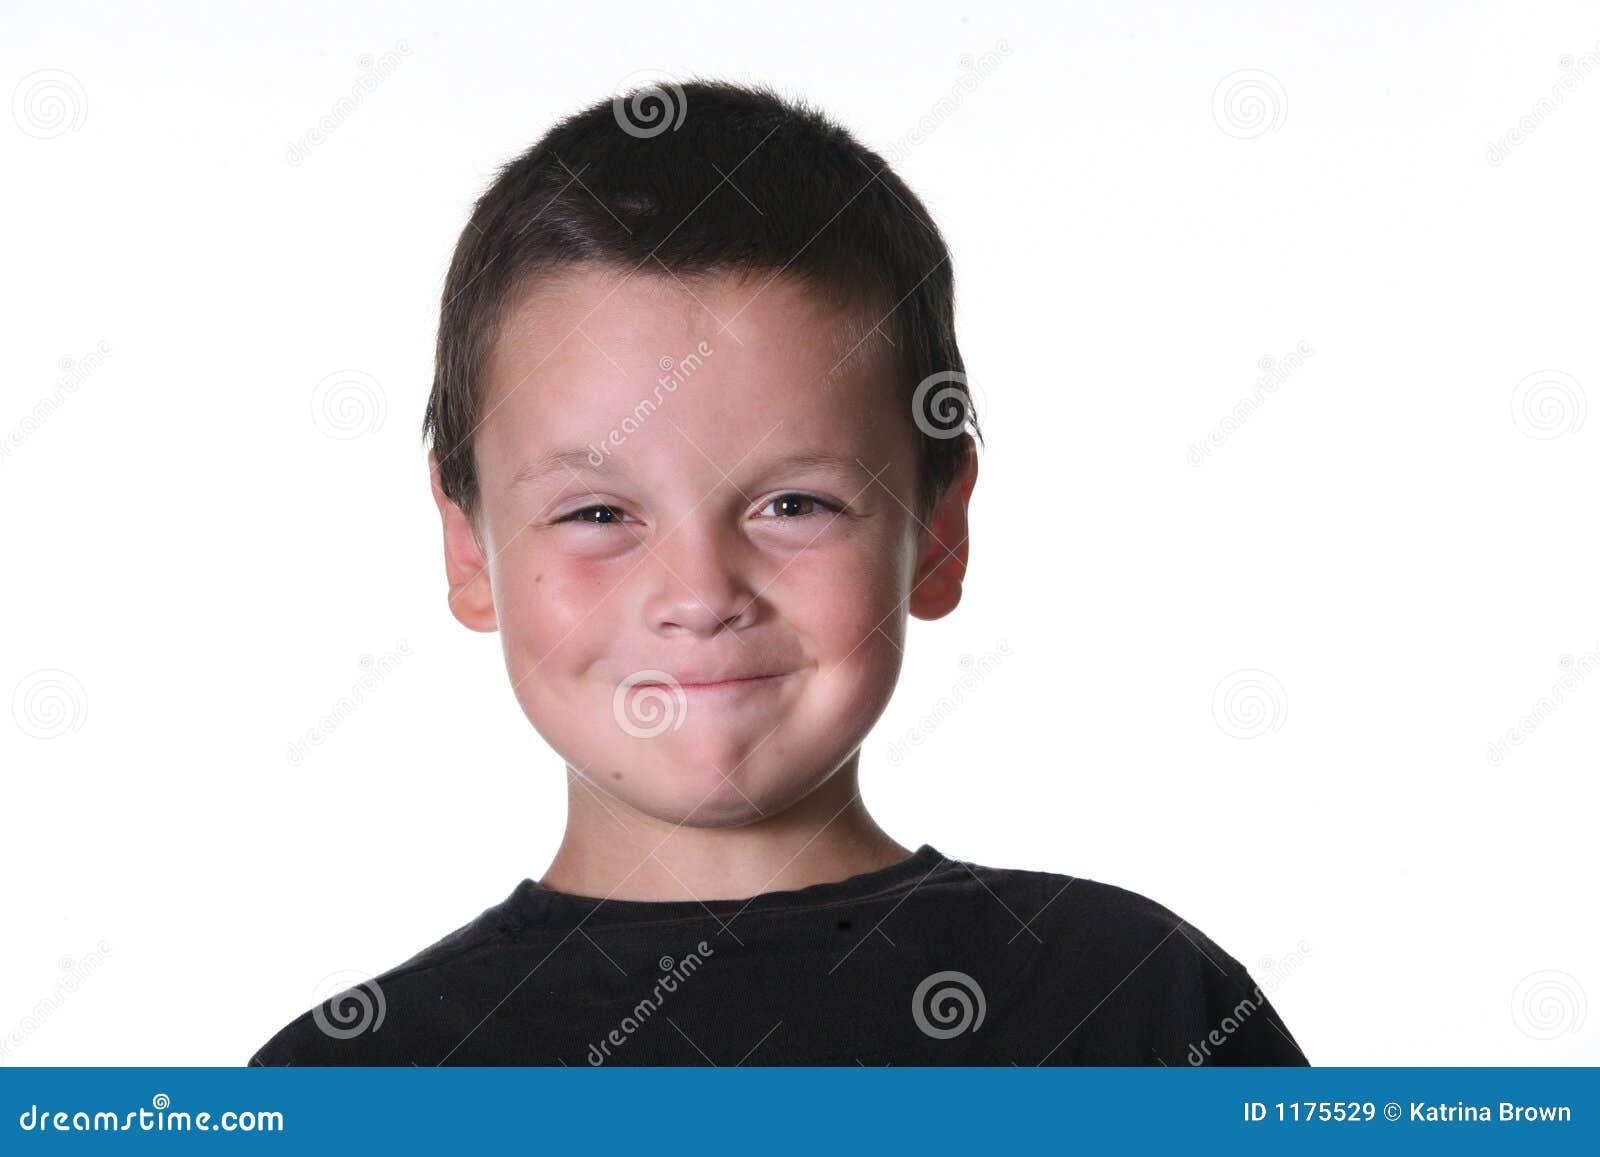 Dziecko ekspresyjne młode manier